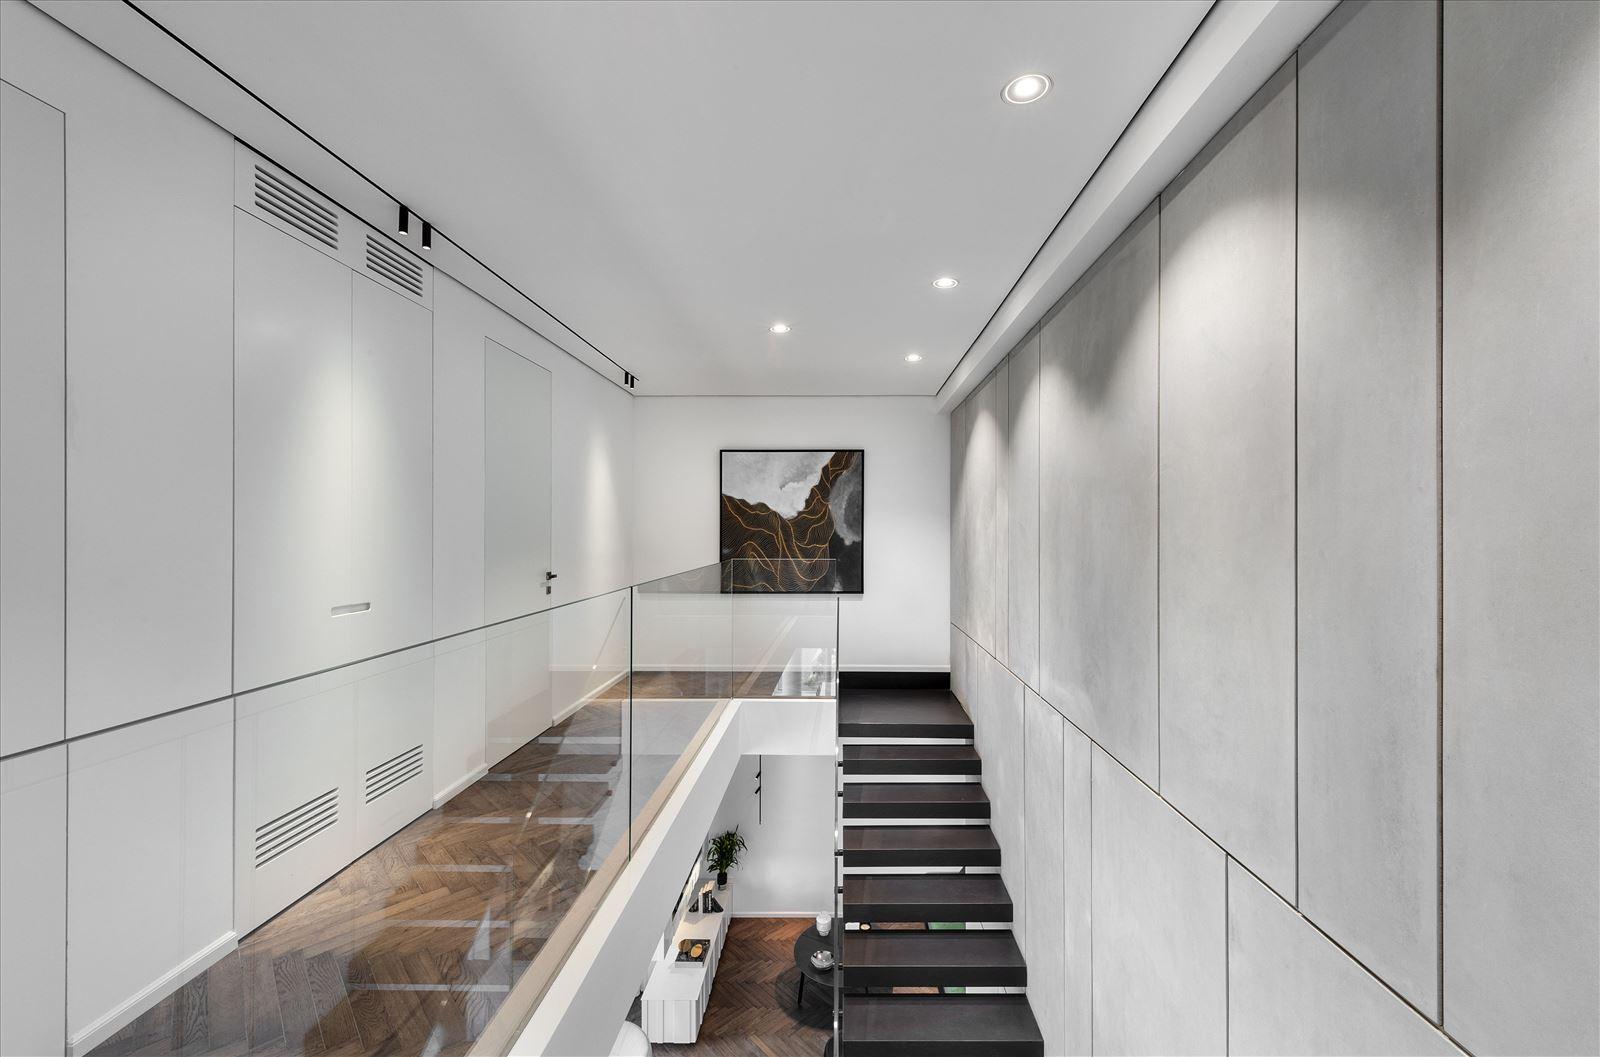 פרויקט Duplex lighting על ידי קמחי תאורה